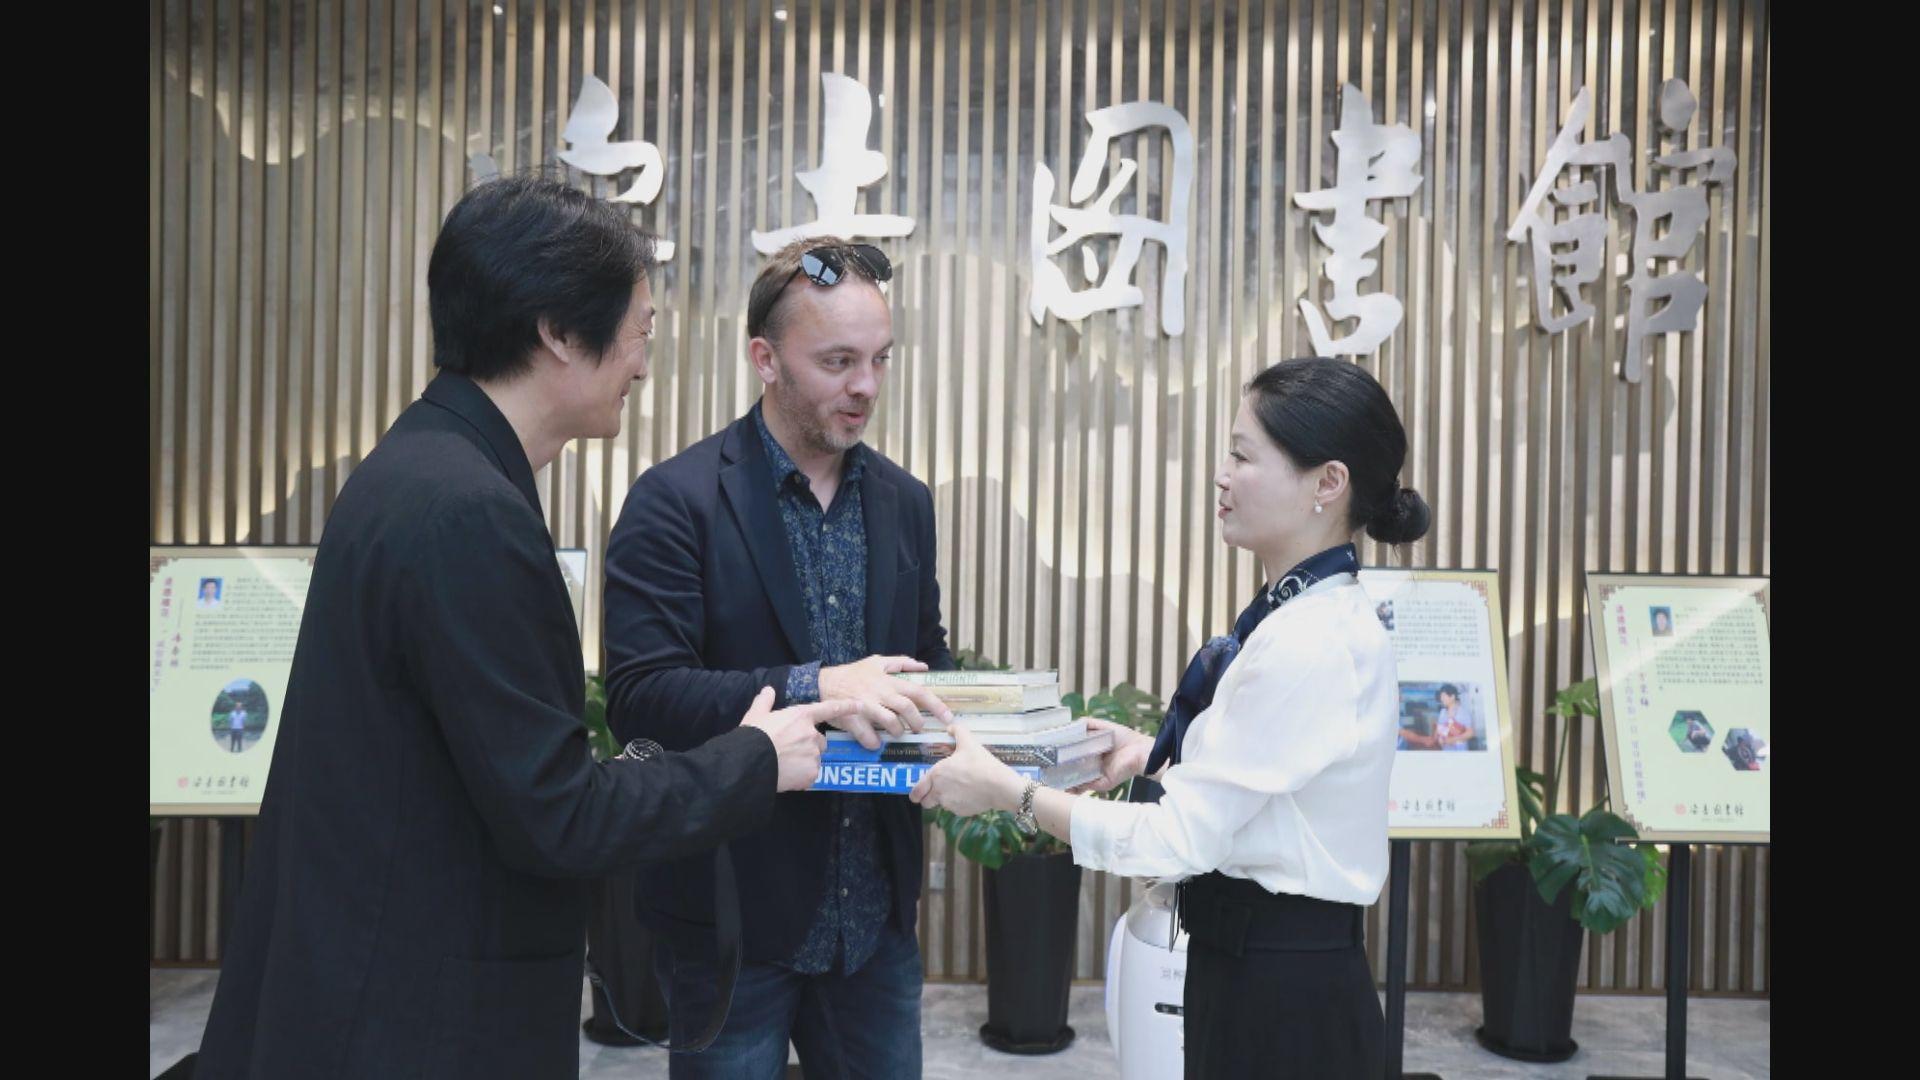 中國同立陶宛關係緊張 波及文化和出版